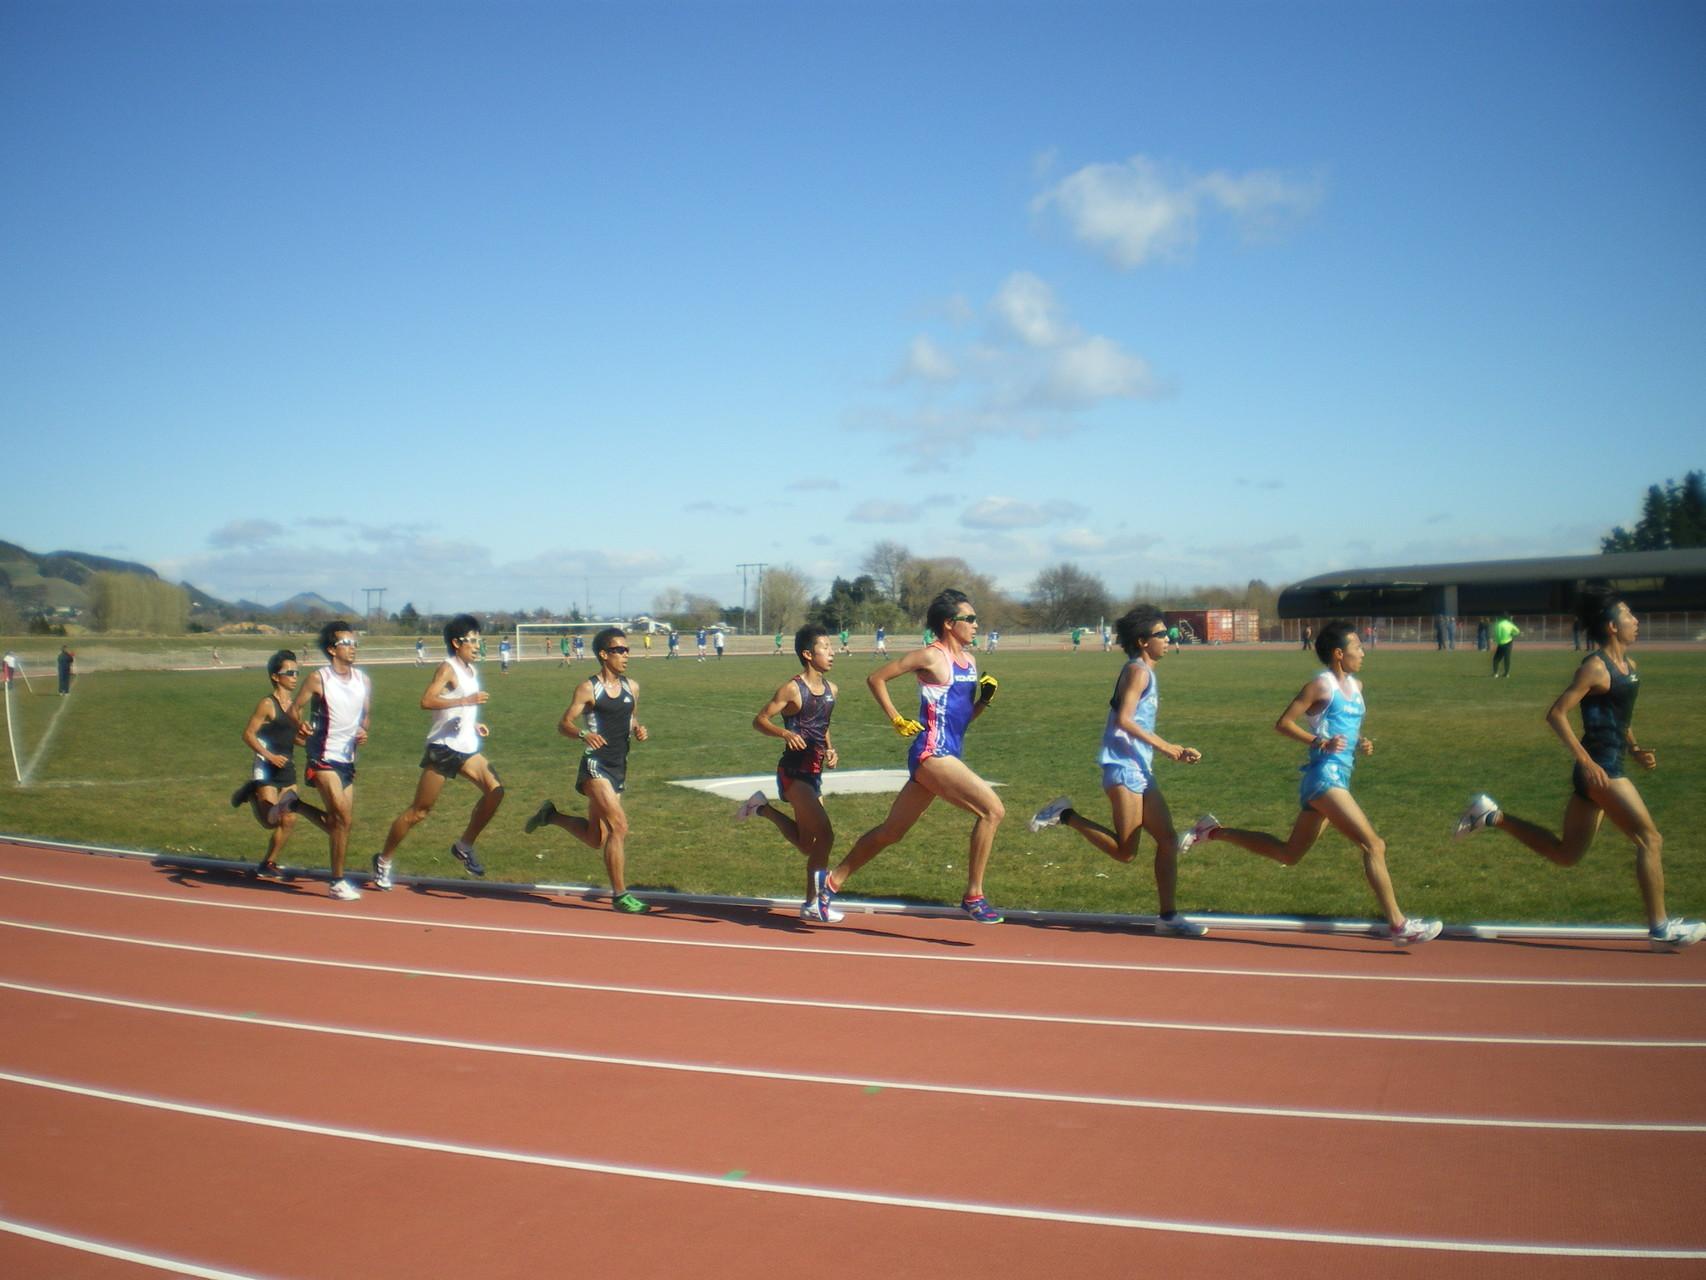 Saxton Track 400mオールウェザー